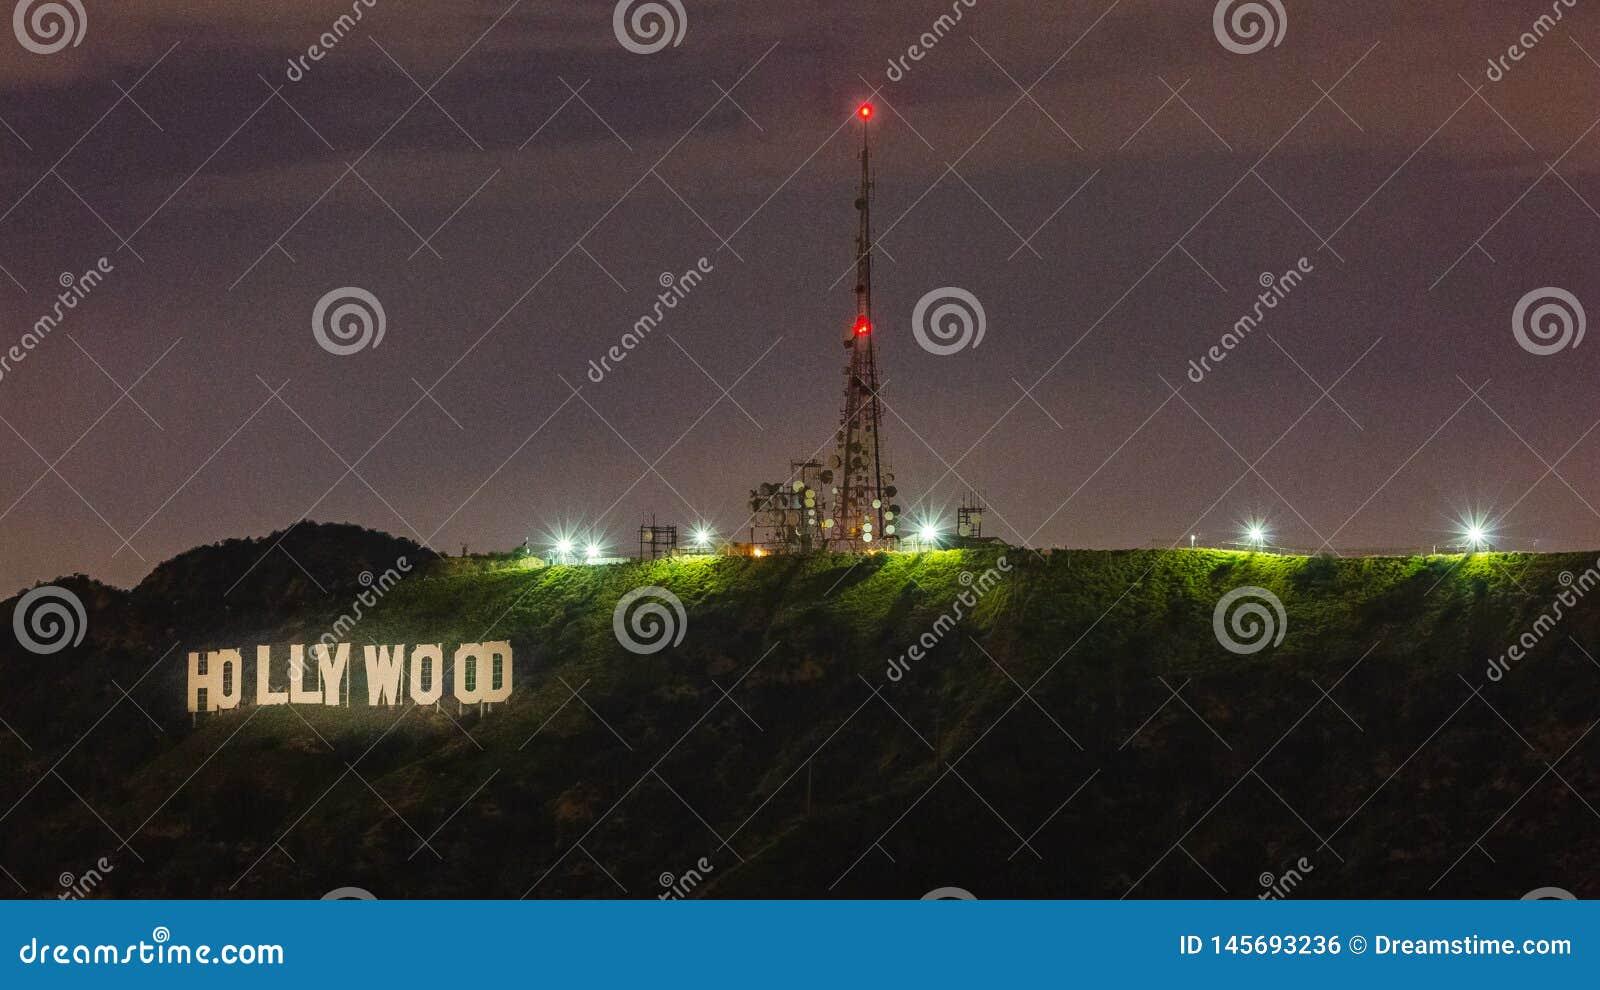 Hollywoodteken bij Nacht